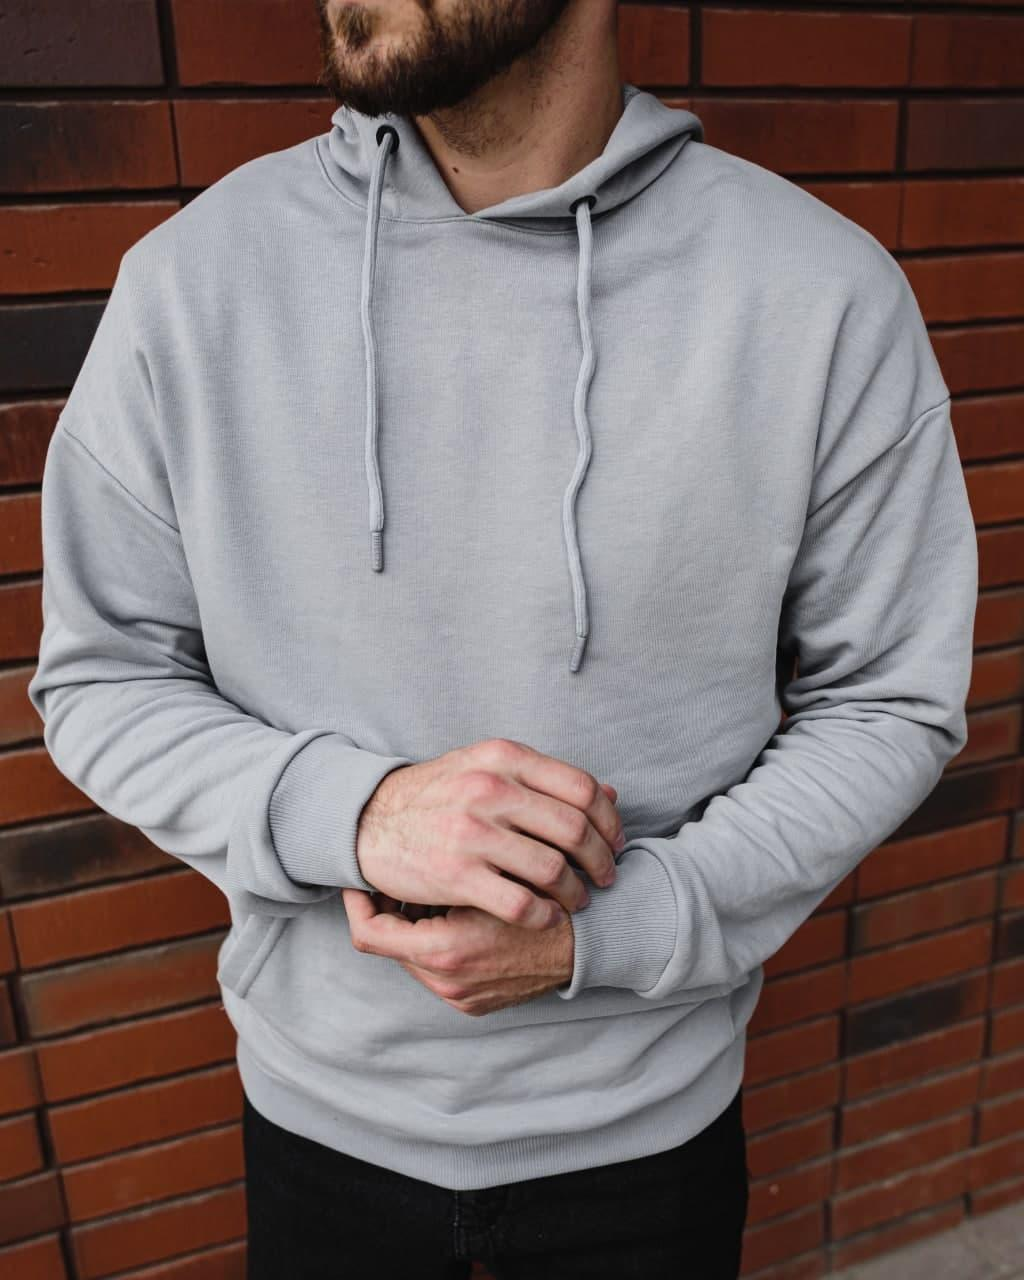 Чоловічий сірий худі оверсайз з капюшоном з кишенею спереду однотонний